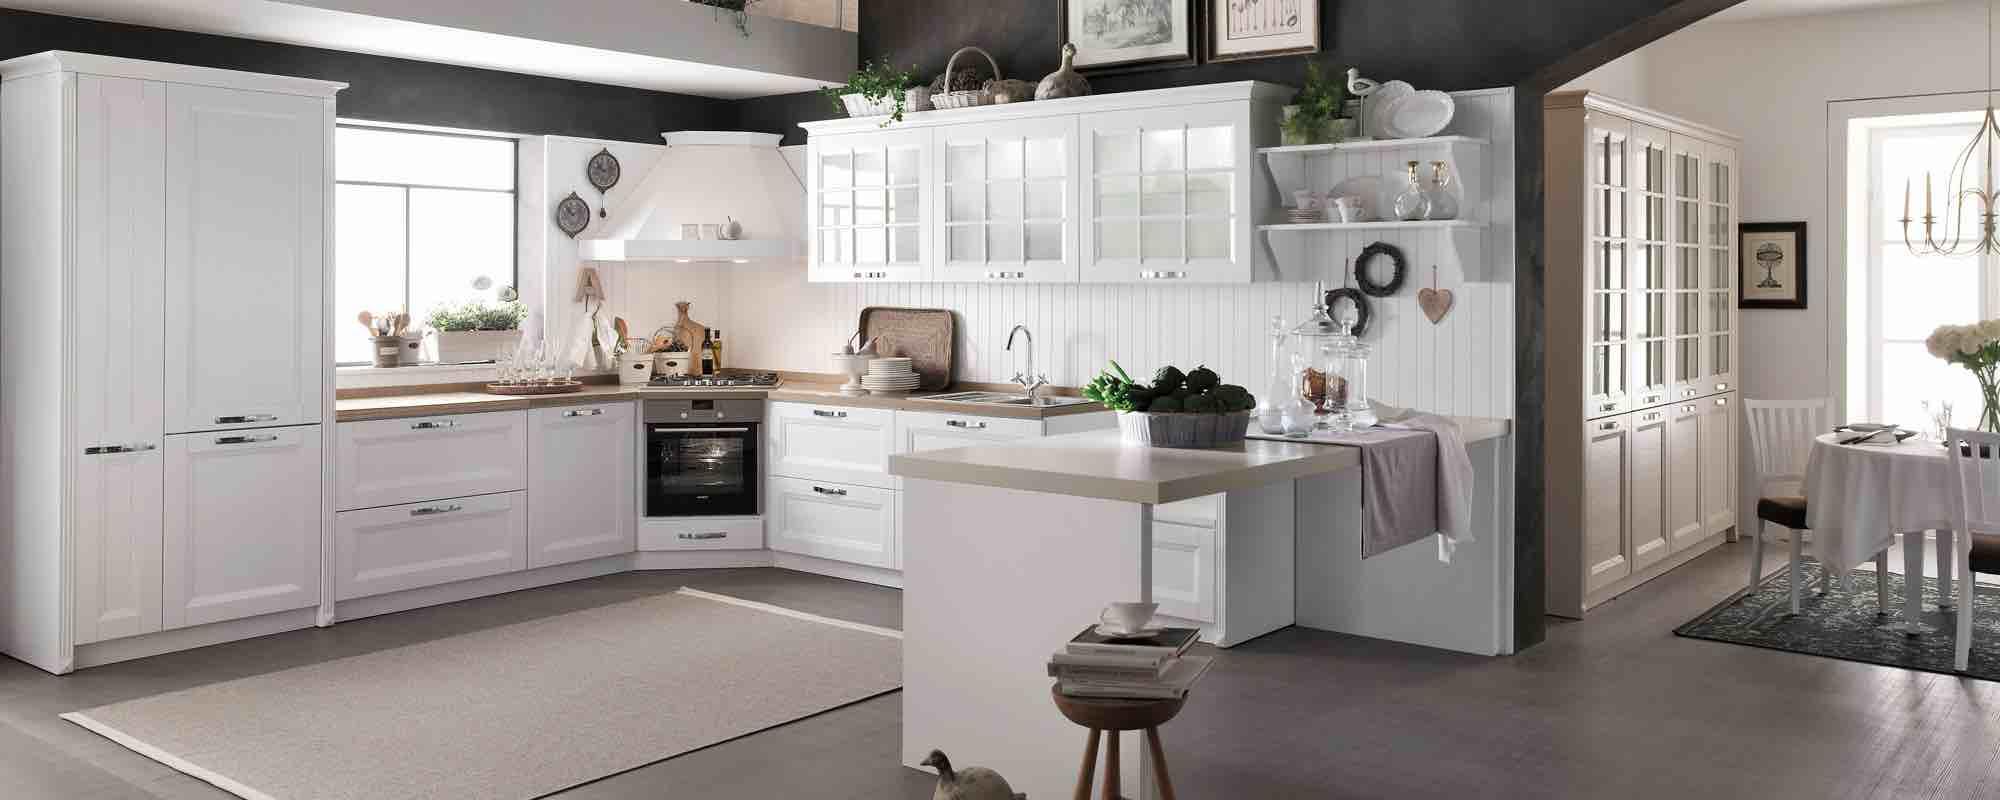 Cucine contemporanee vibo valentia scarcia arredamenti for Cucina contemporanea prezzi